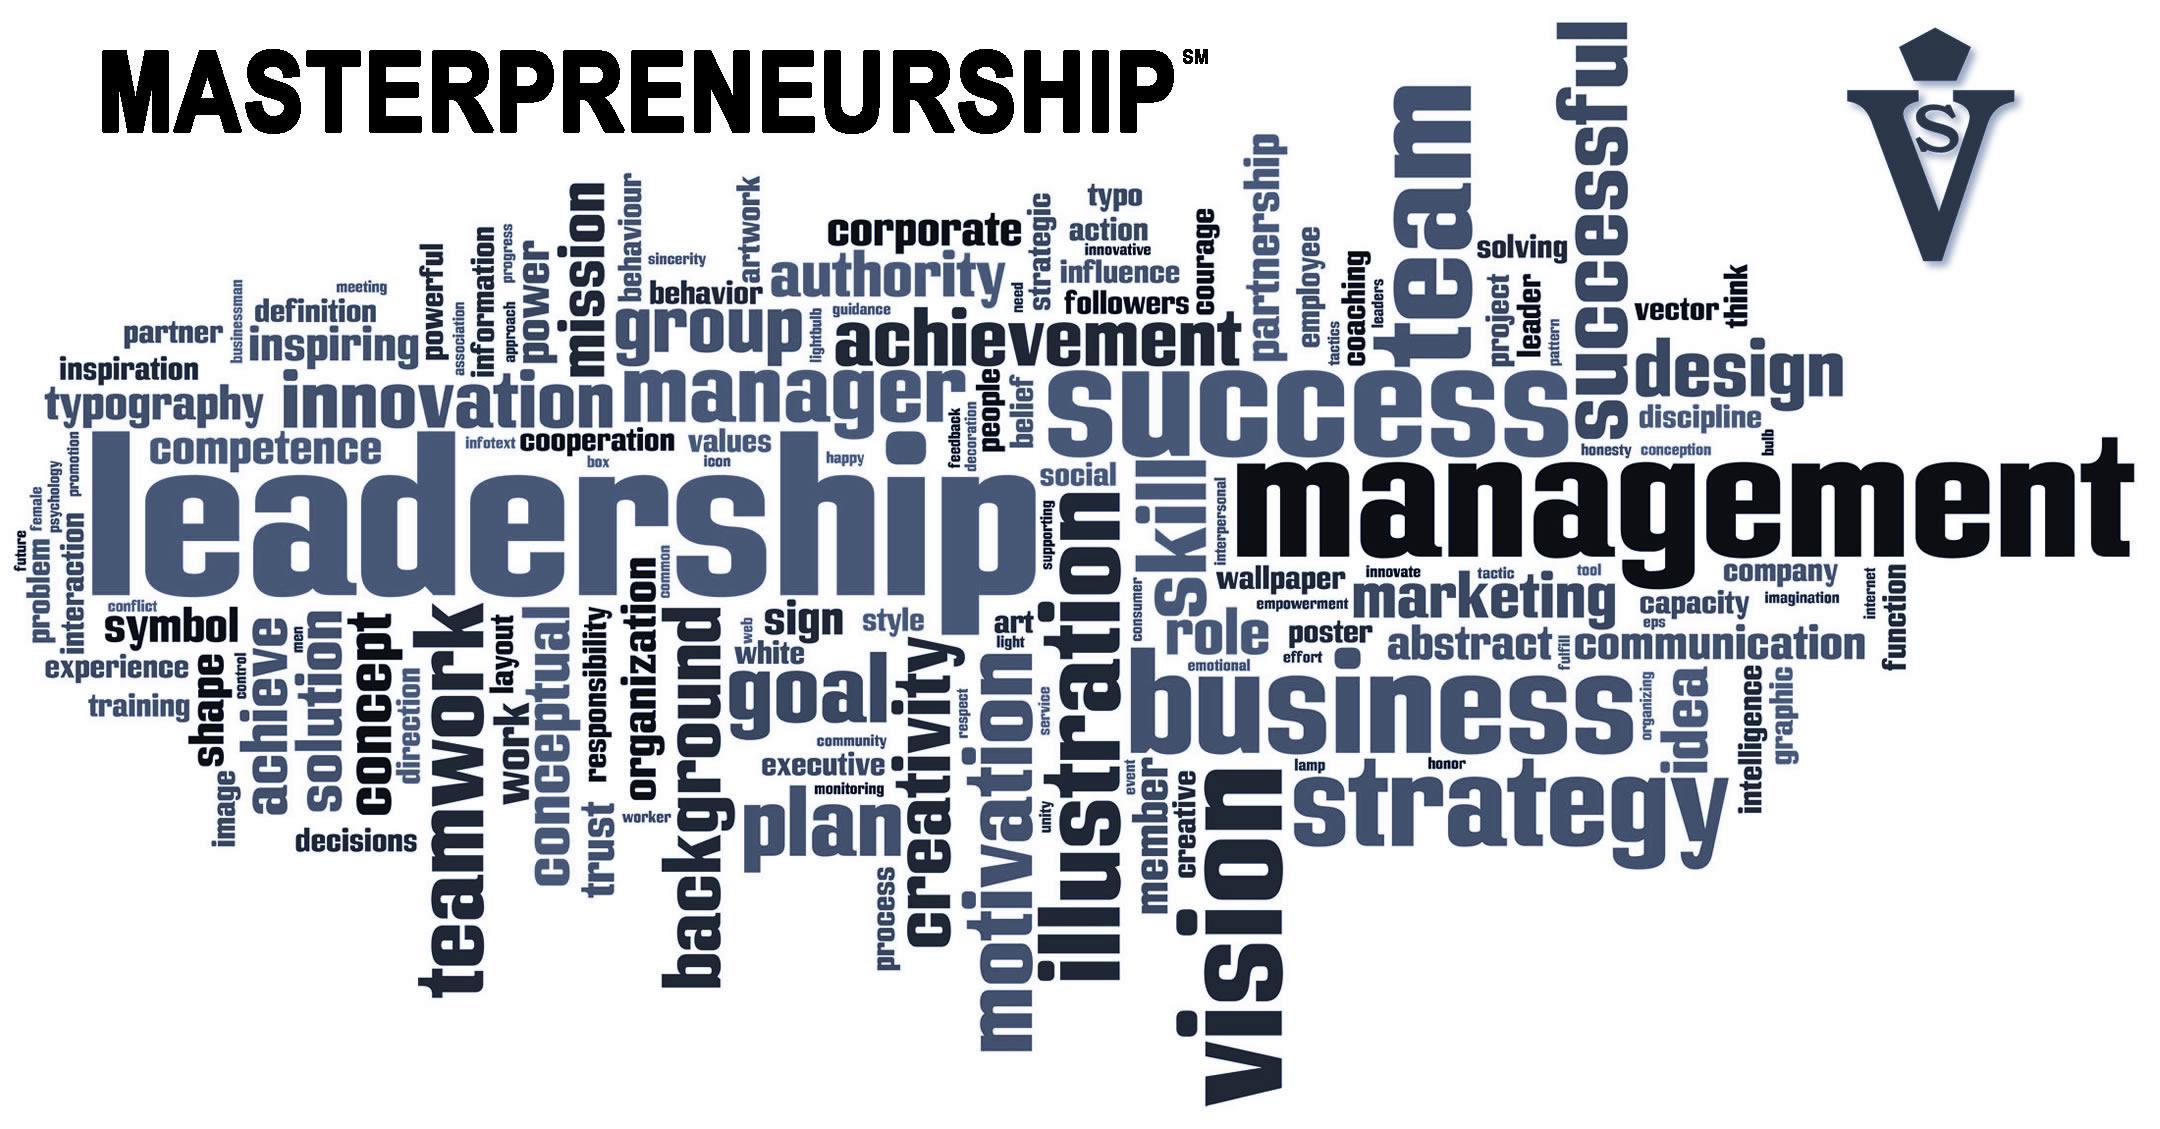 strategic leadership training for c-level executives